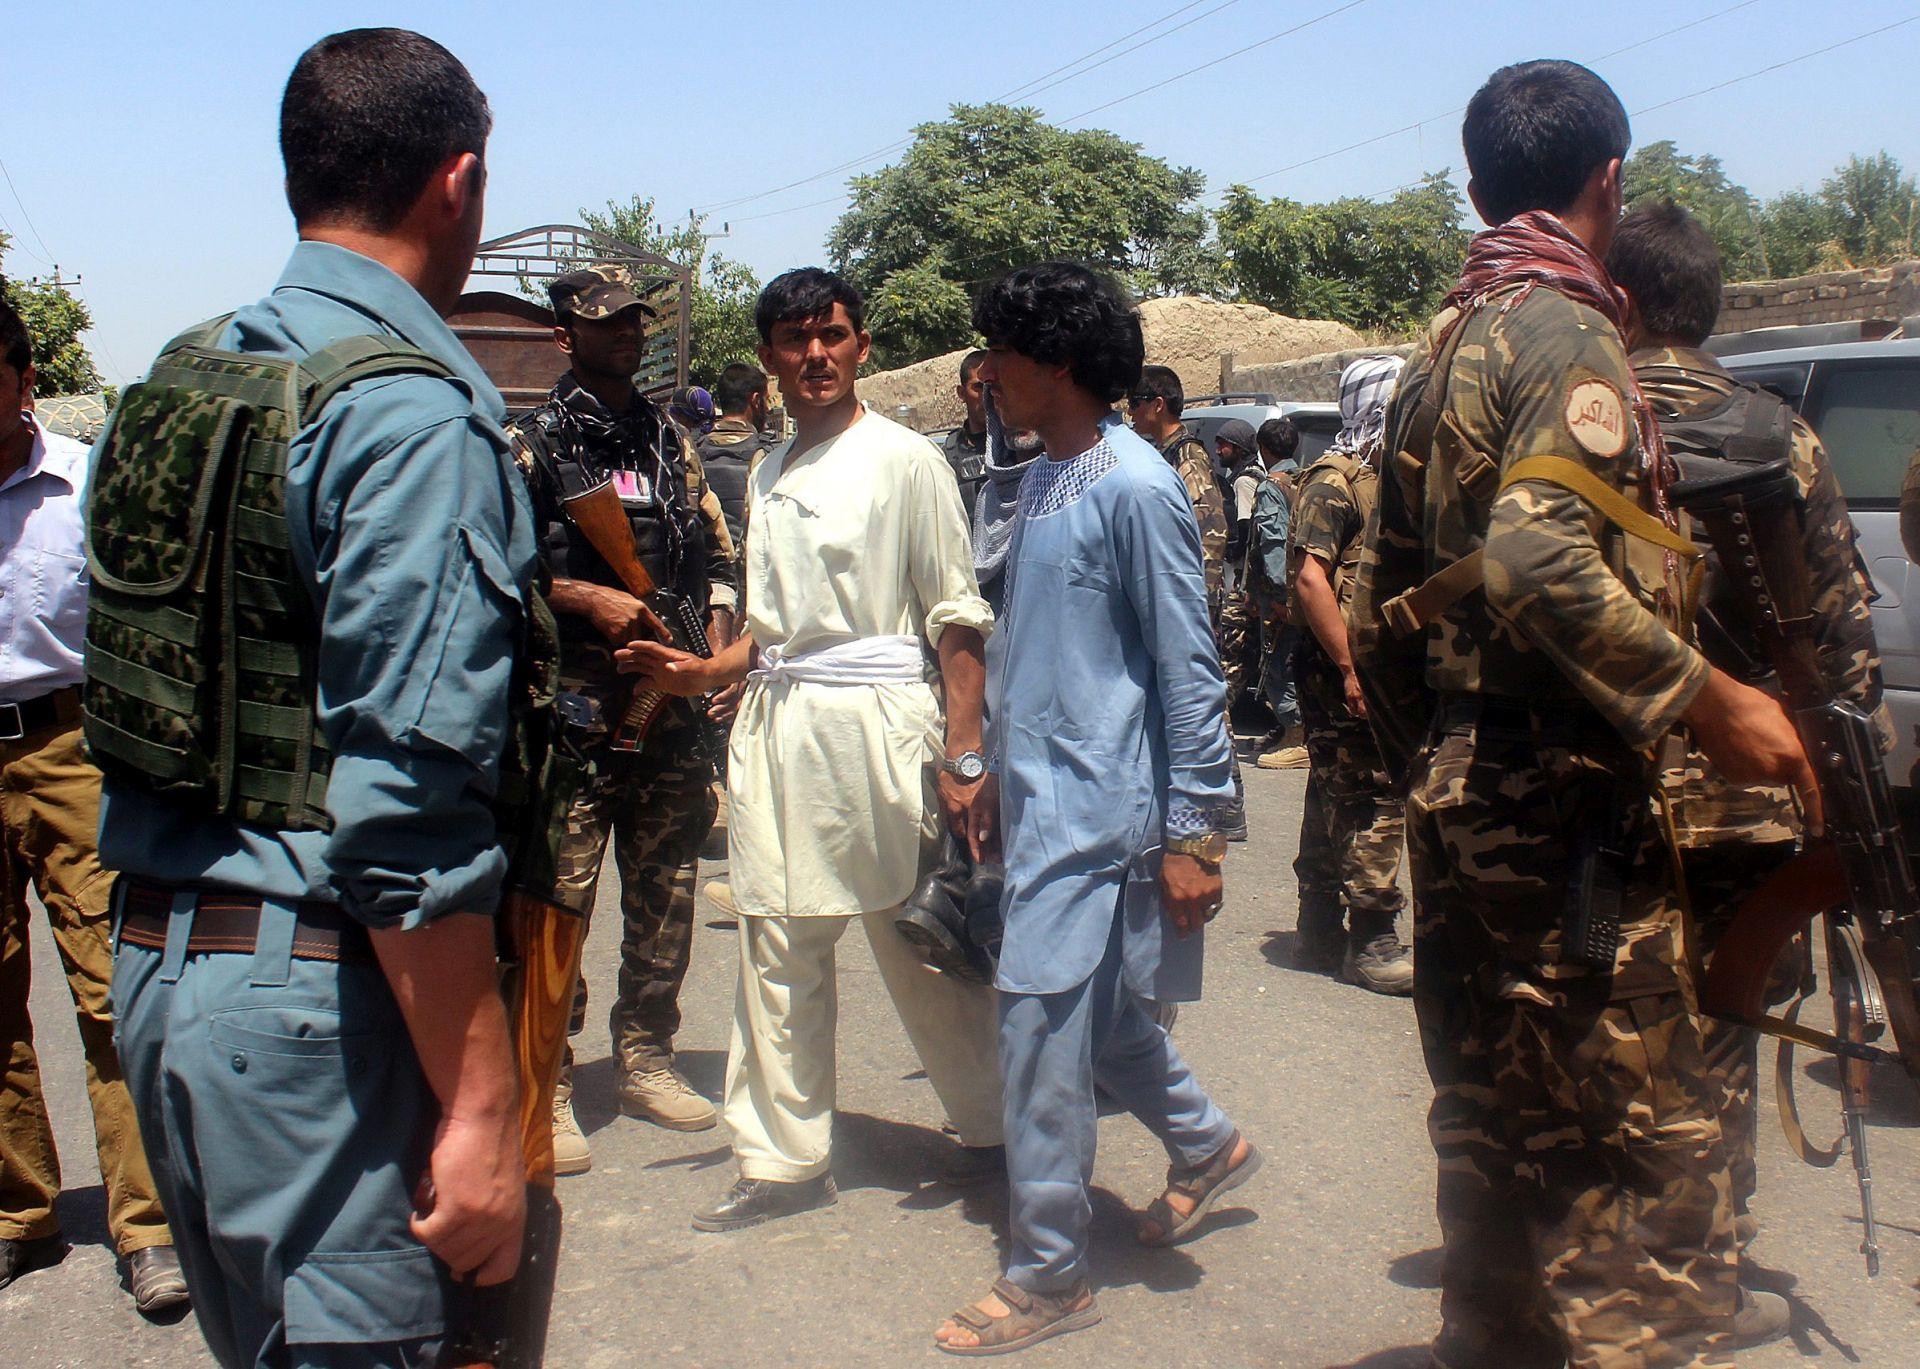 ATENTAT NA NEPALCE: U talibanskom samoubilačkom napadu 14 mrtvih